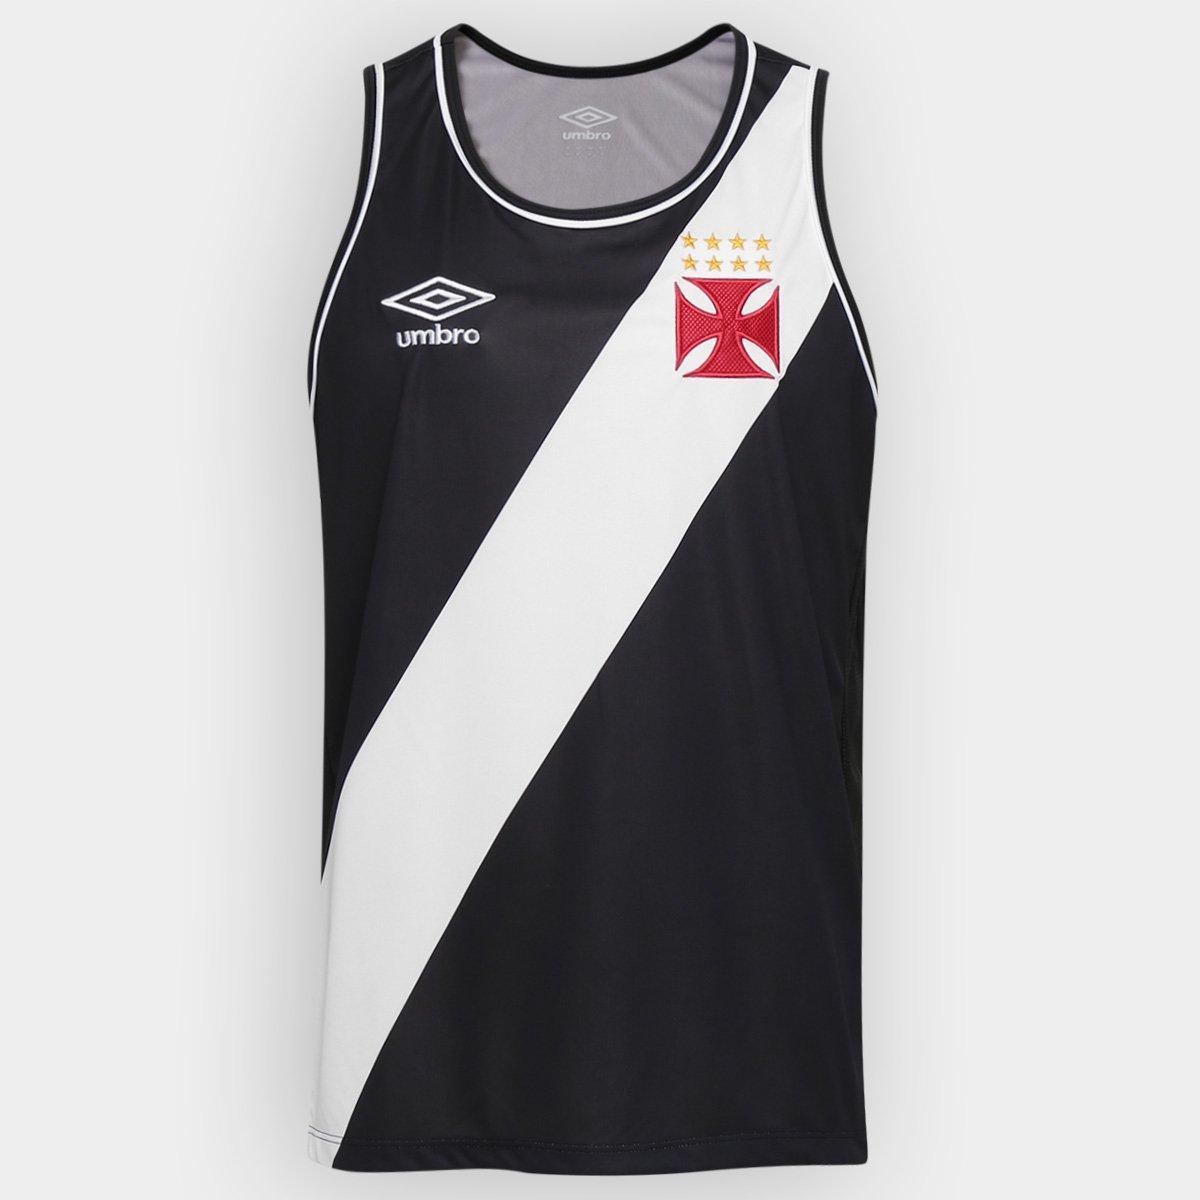 ddca99dc561d0 Camiseta Regata Umbro Vasco Basquete Oficial I 2016 - Compre Agora ...